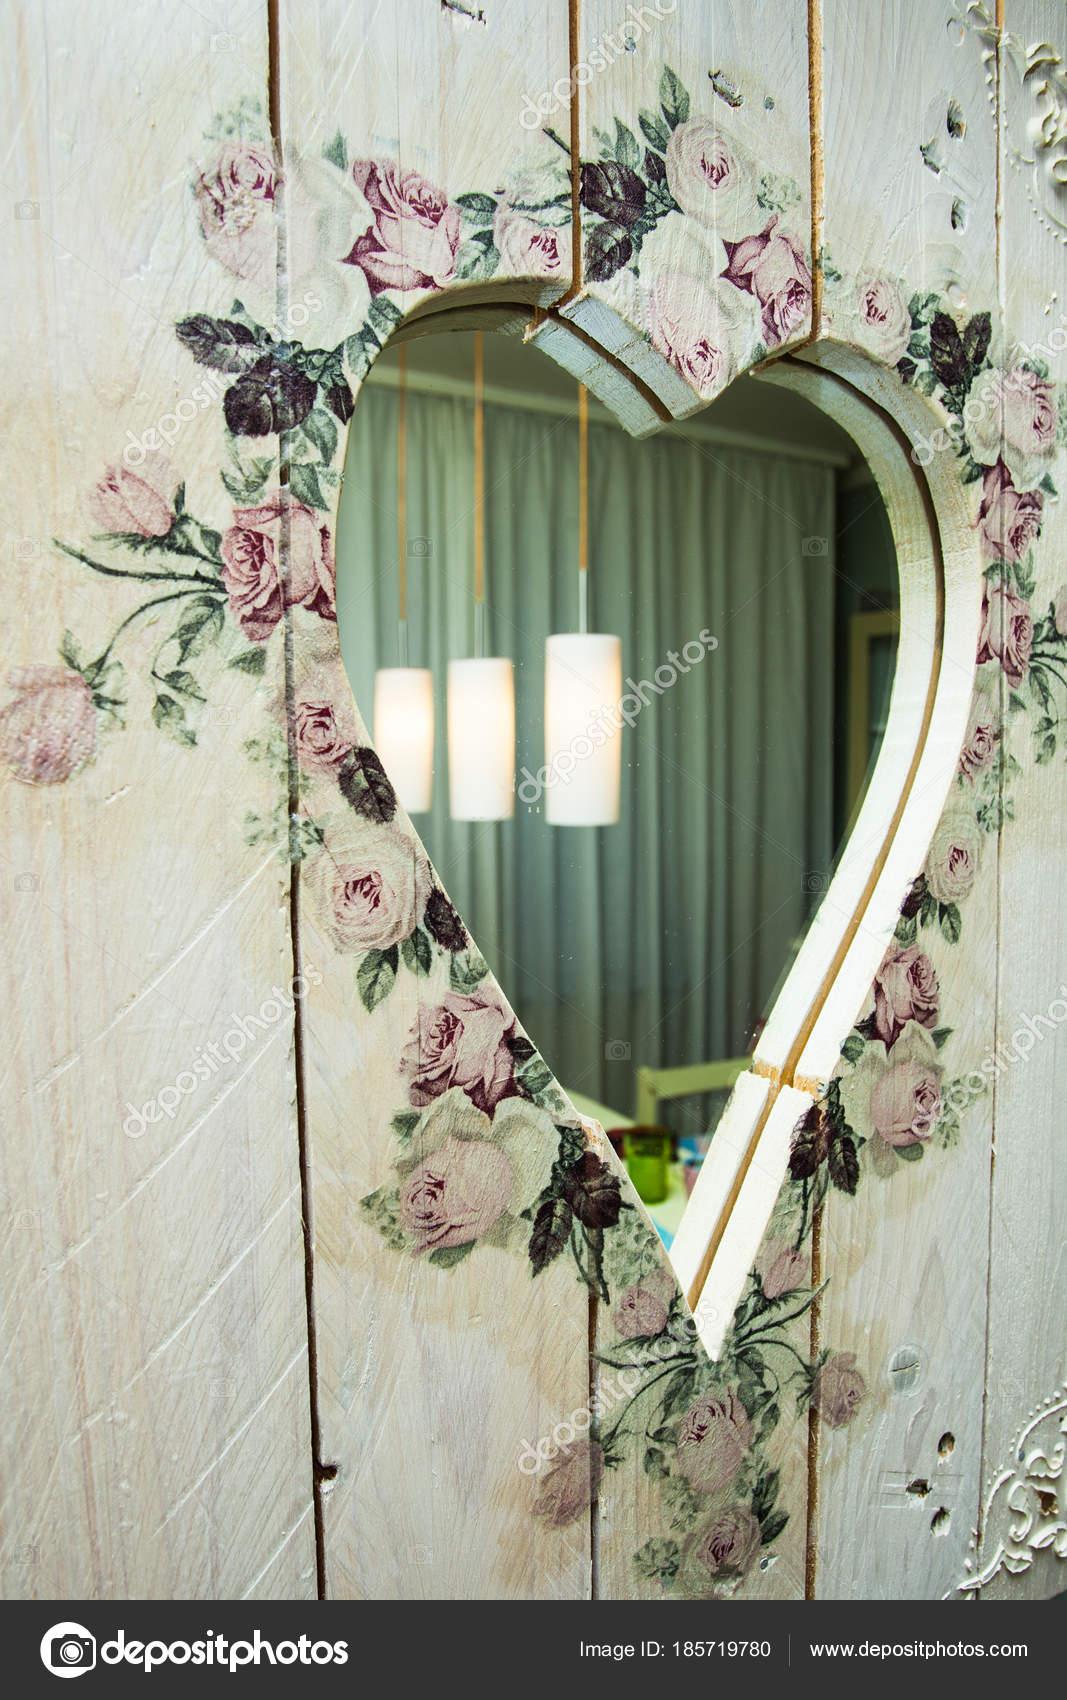 Cornice Specchio Fai Da Te.Specchio Con Cornice In Legno Di Fai Da Te A Forma Di Cuore Decorato